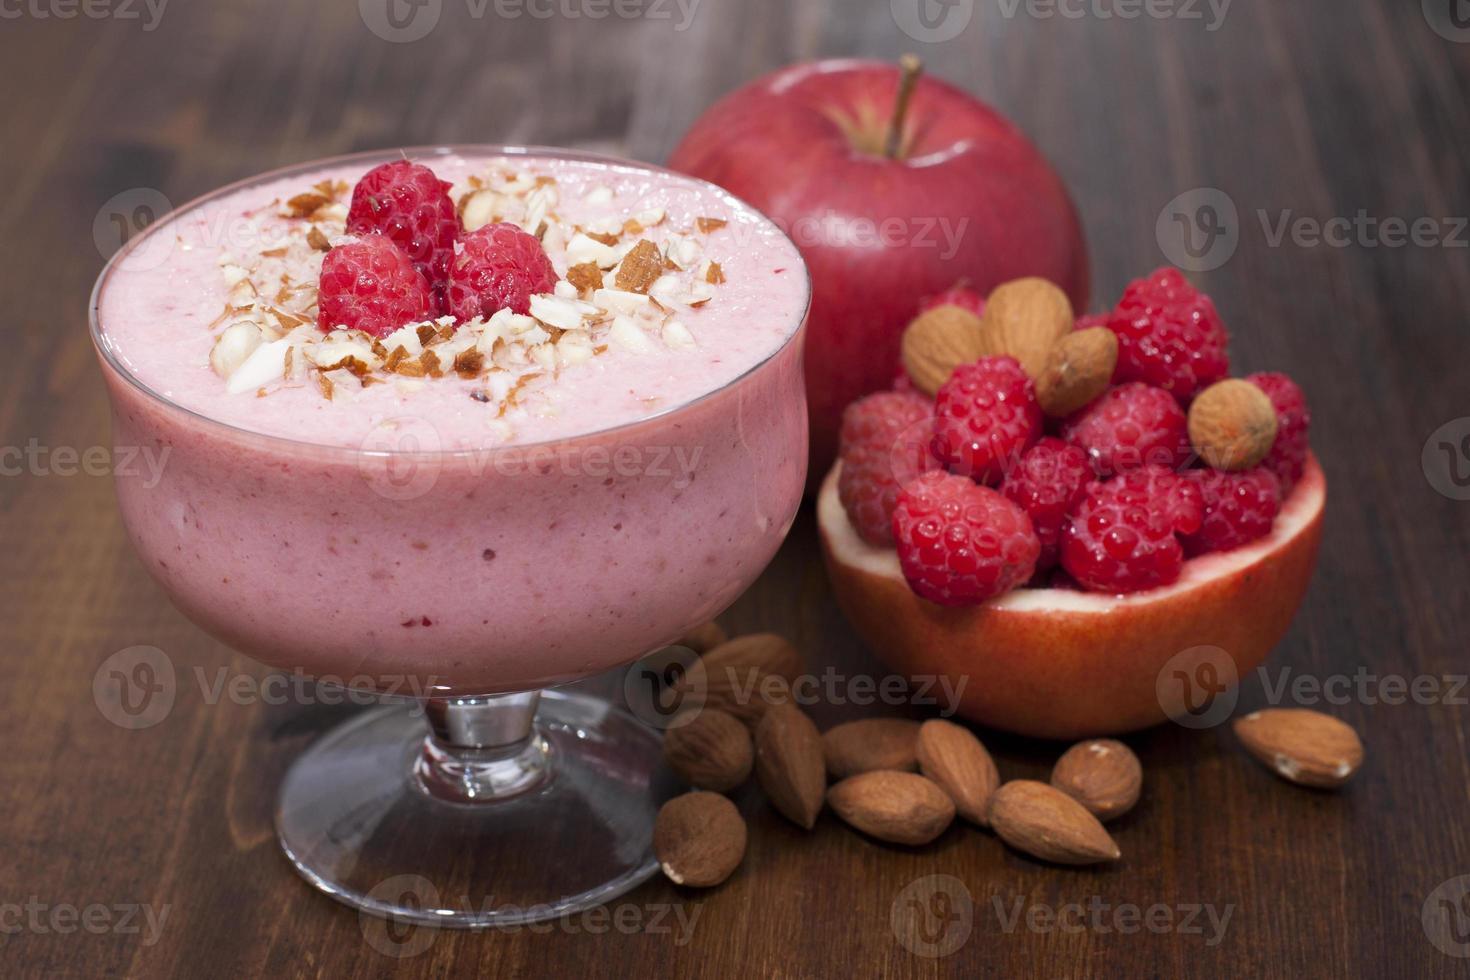 cocktail av frysta hallon, äpple med nötter och yoghurt. foto